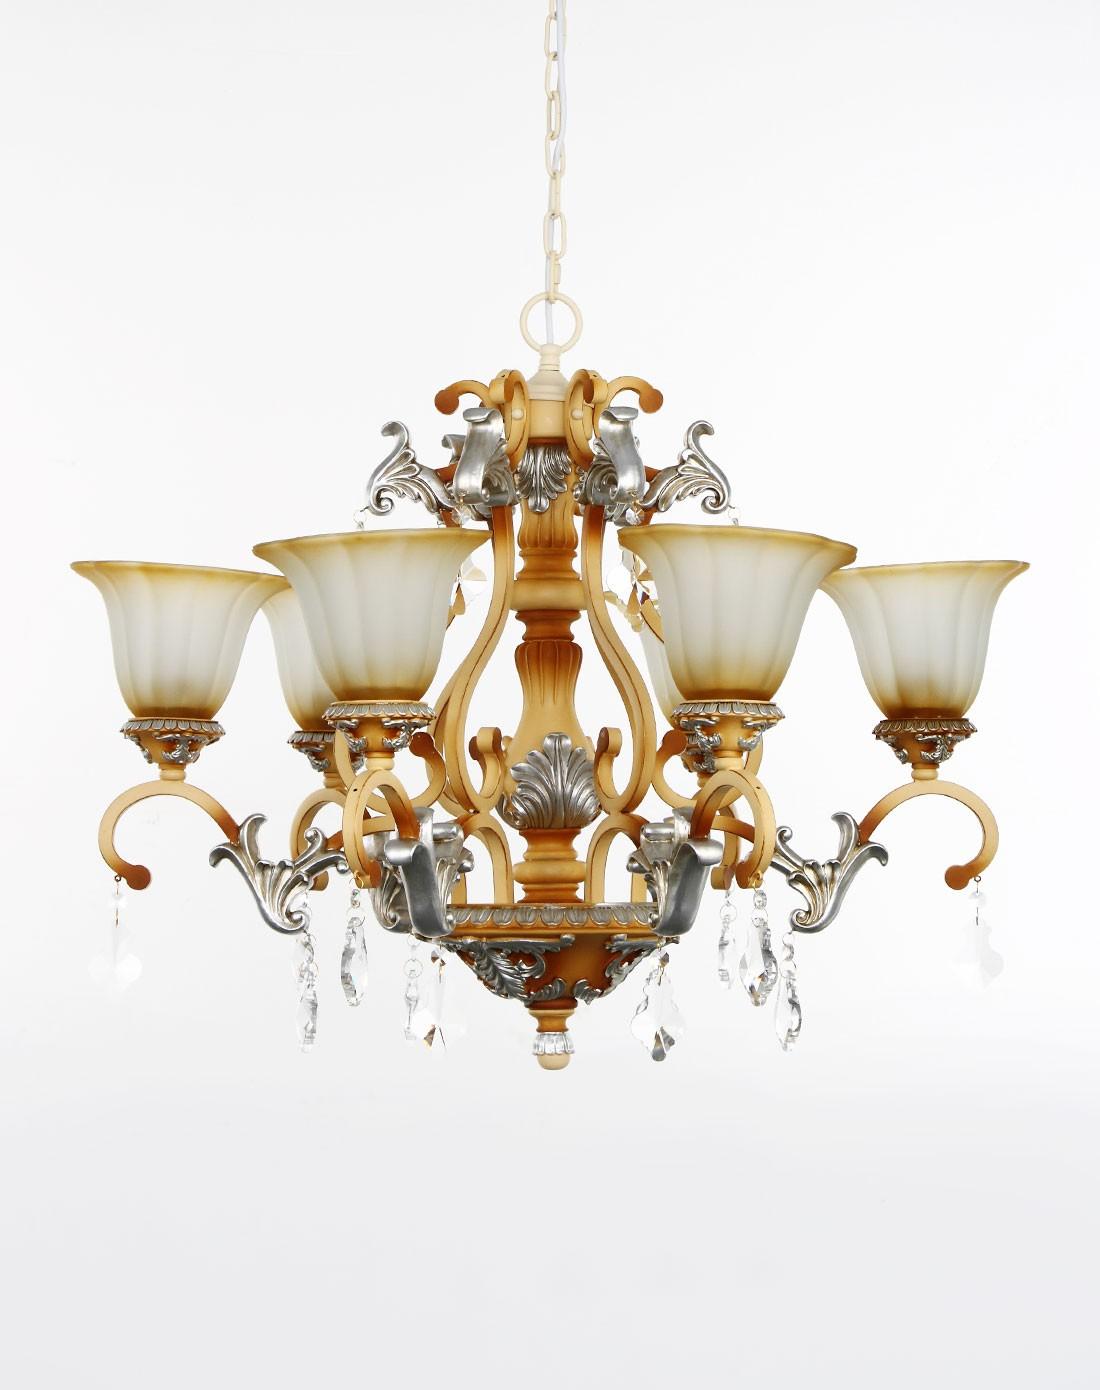 欧式复古水晶吊灯客厅灯卧室灯餐厅灯